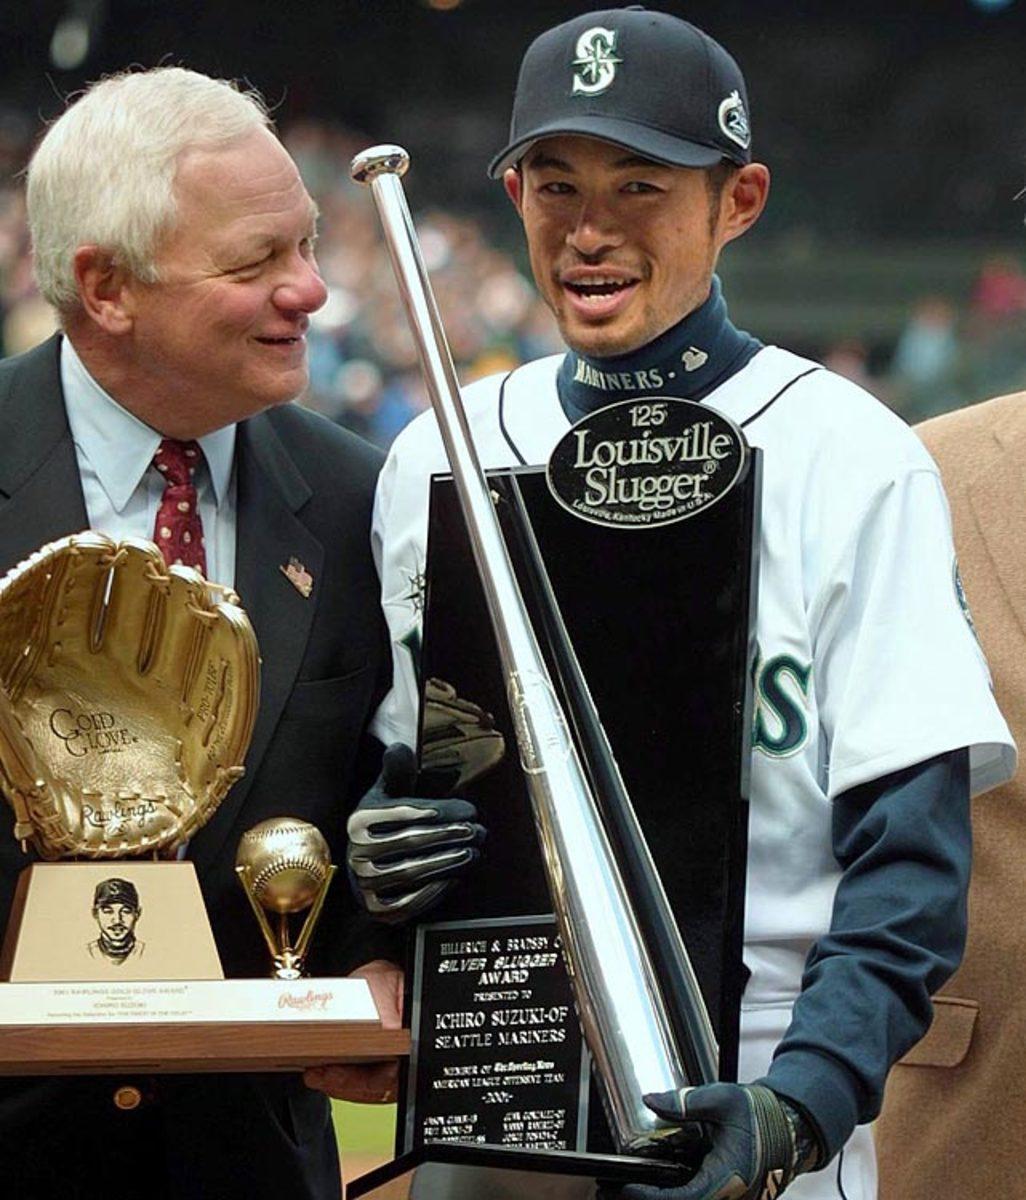 Ichiro Suzuki and Mariners President Chuck Armstrong